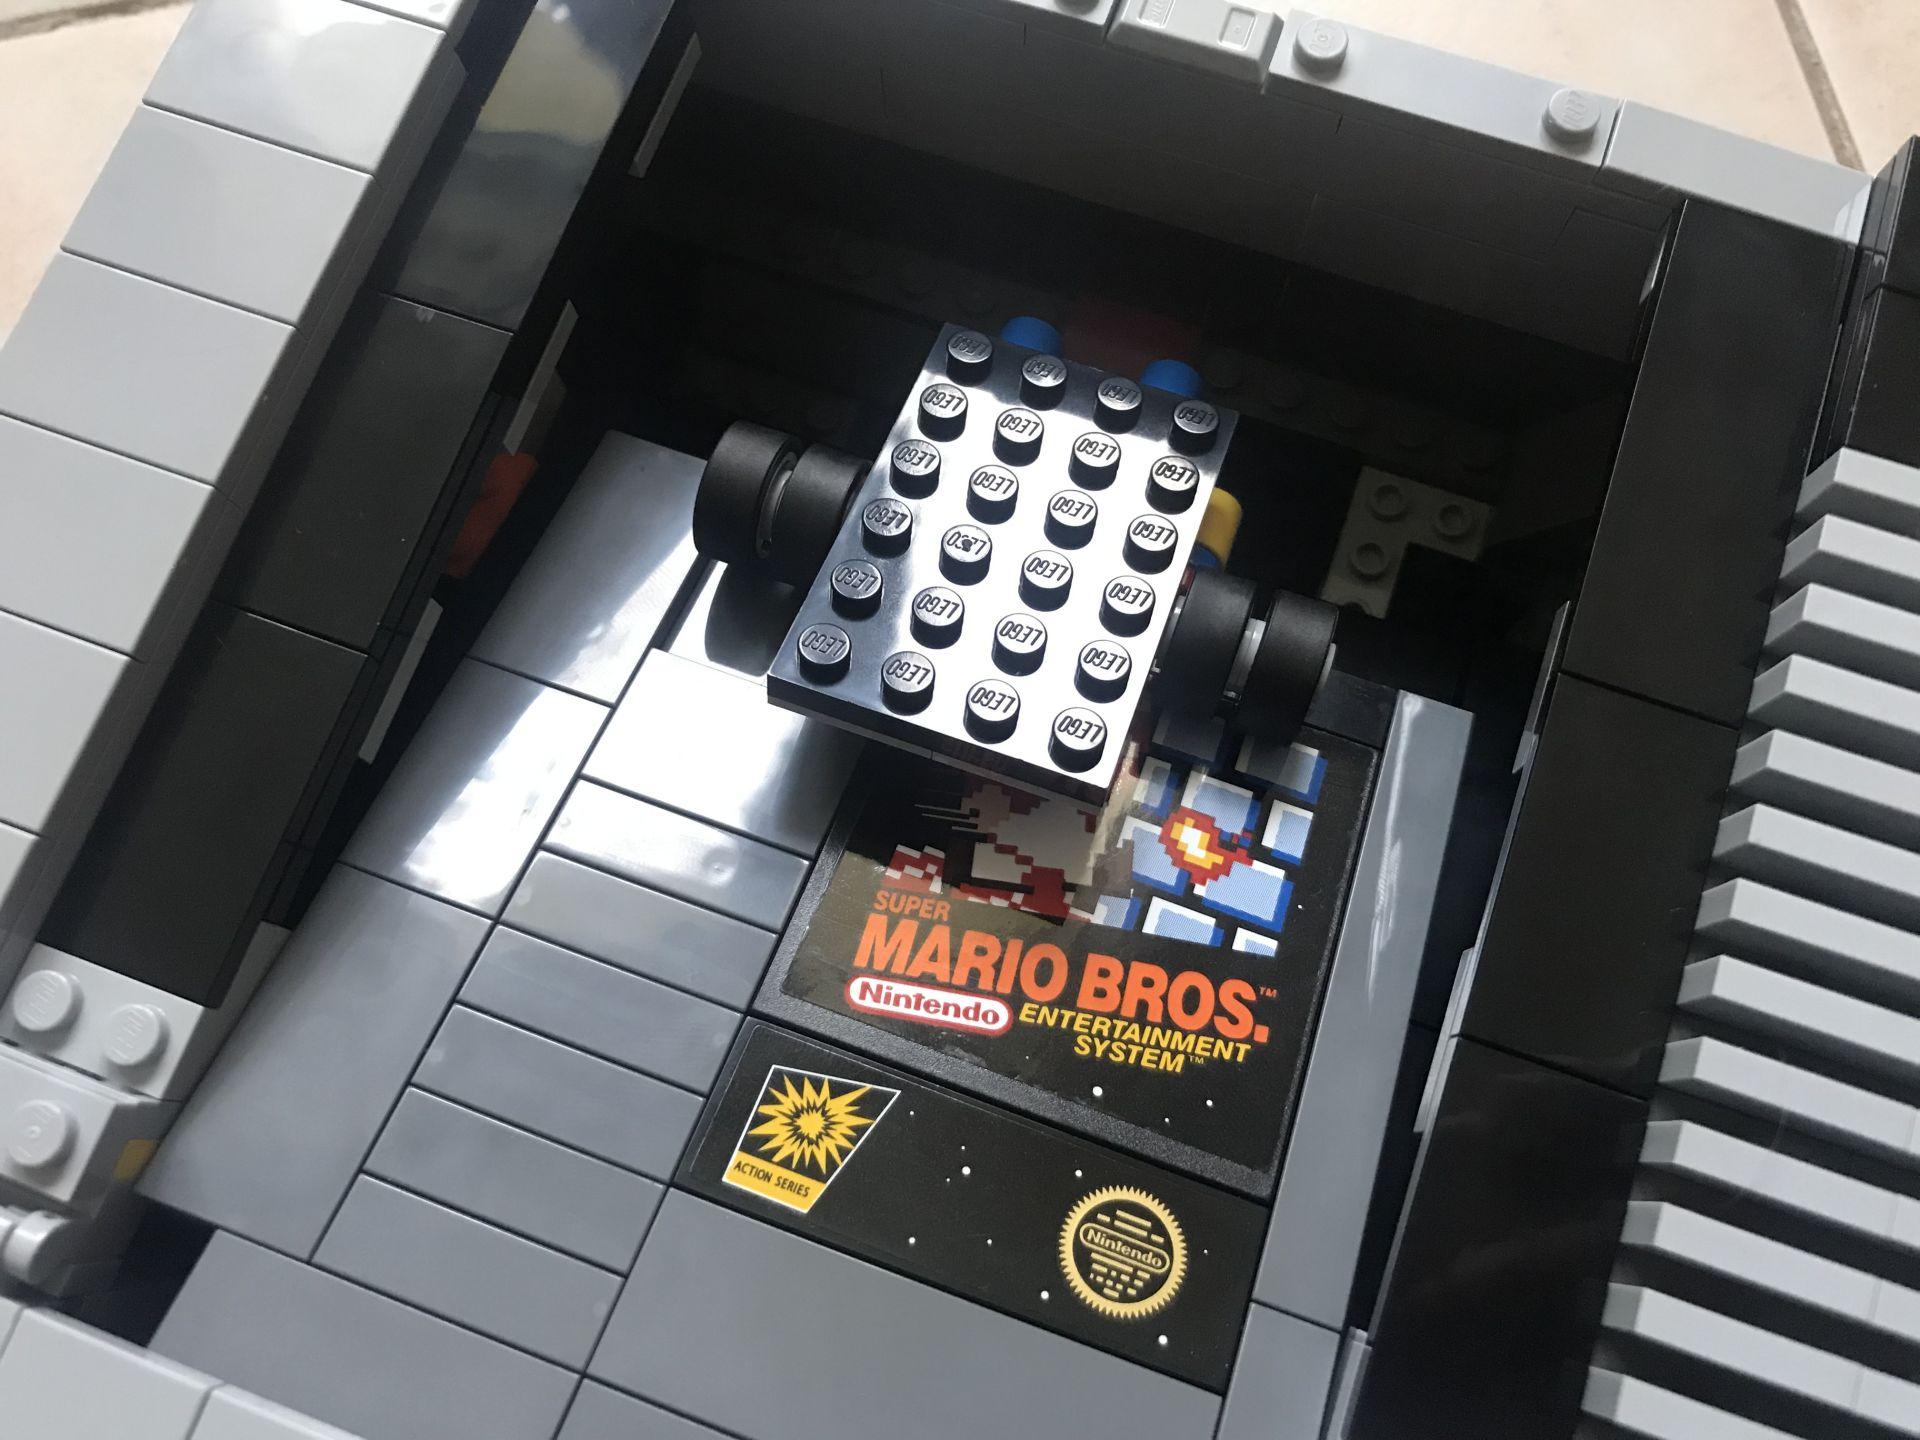 První Lego mechanika, kterou jsem v životě viděl